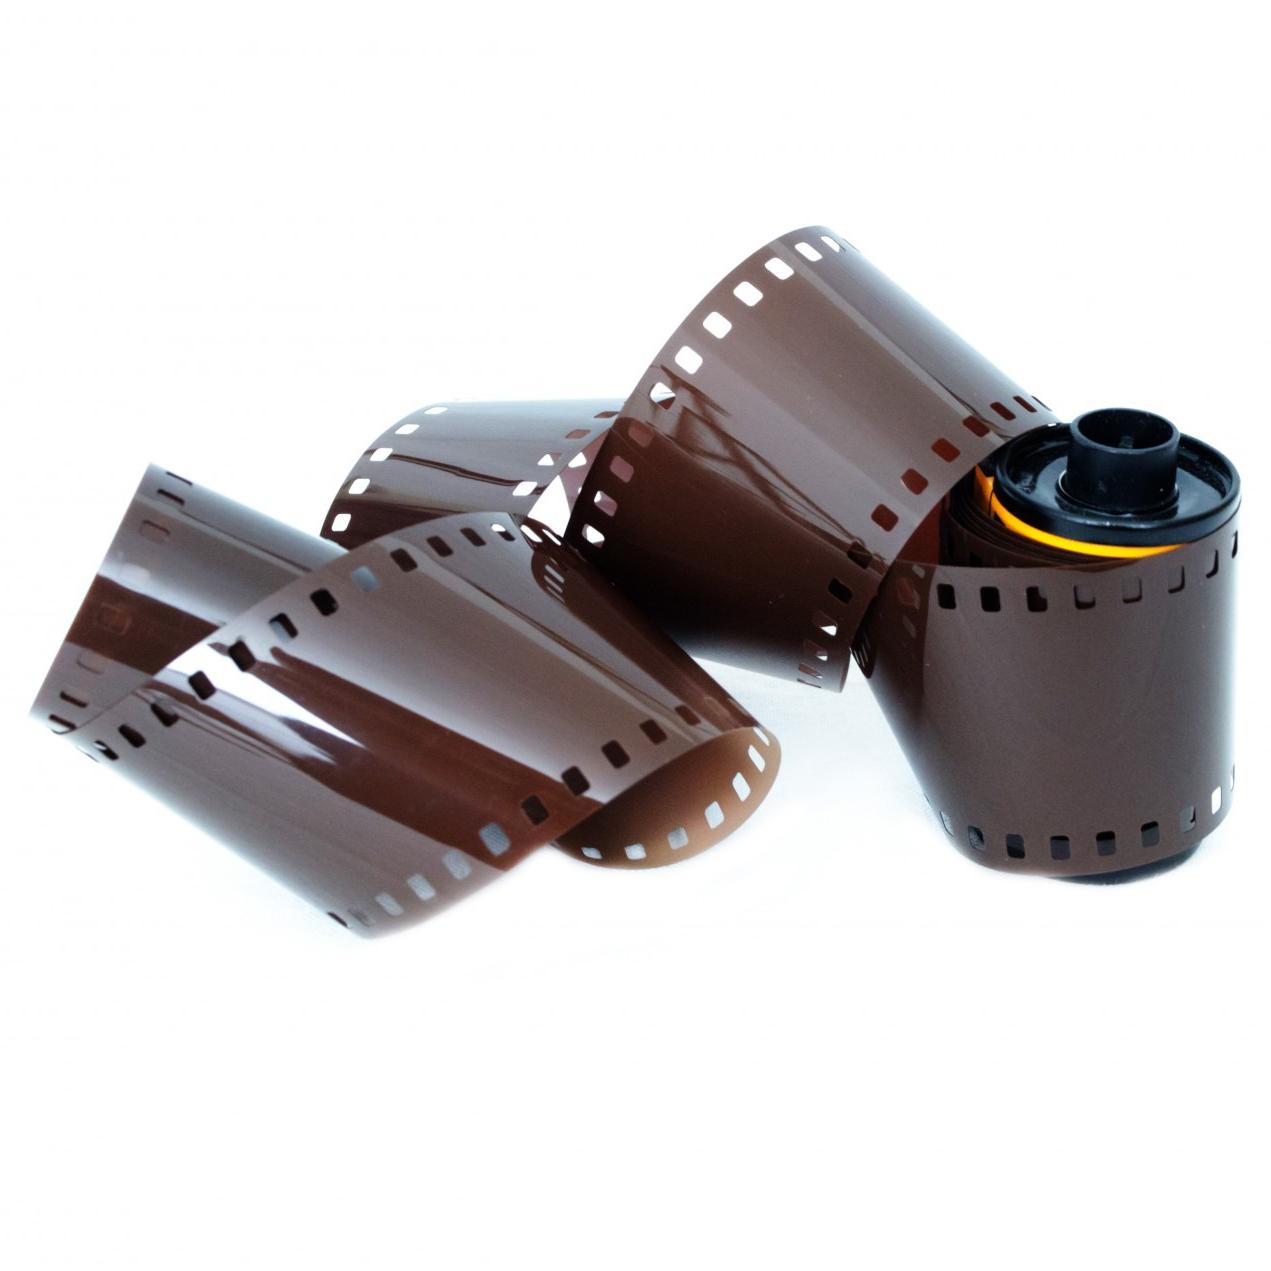 oddbox media transfer 35mm film_600.jpg